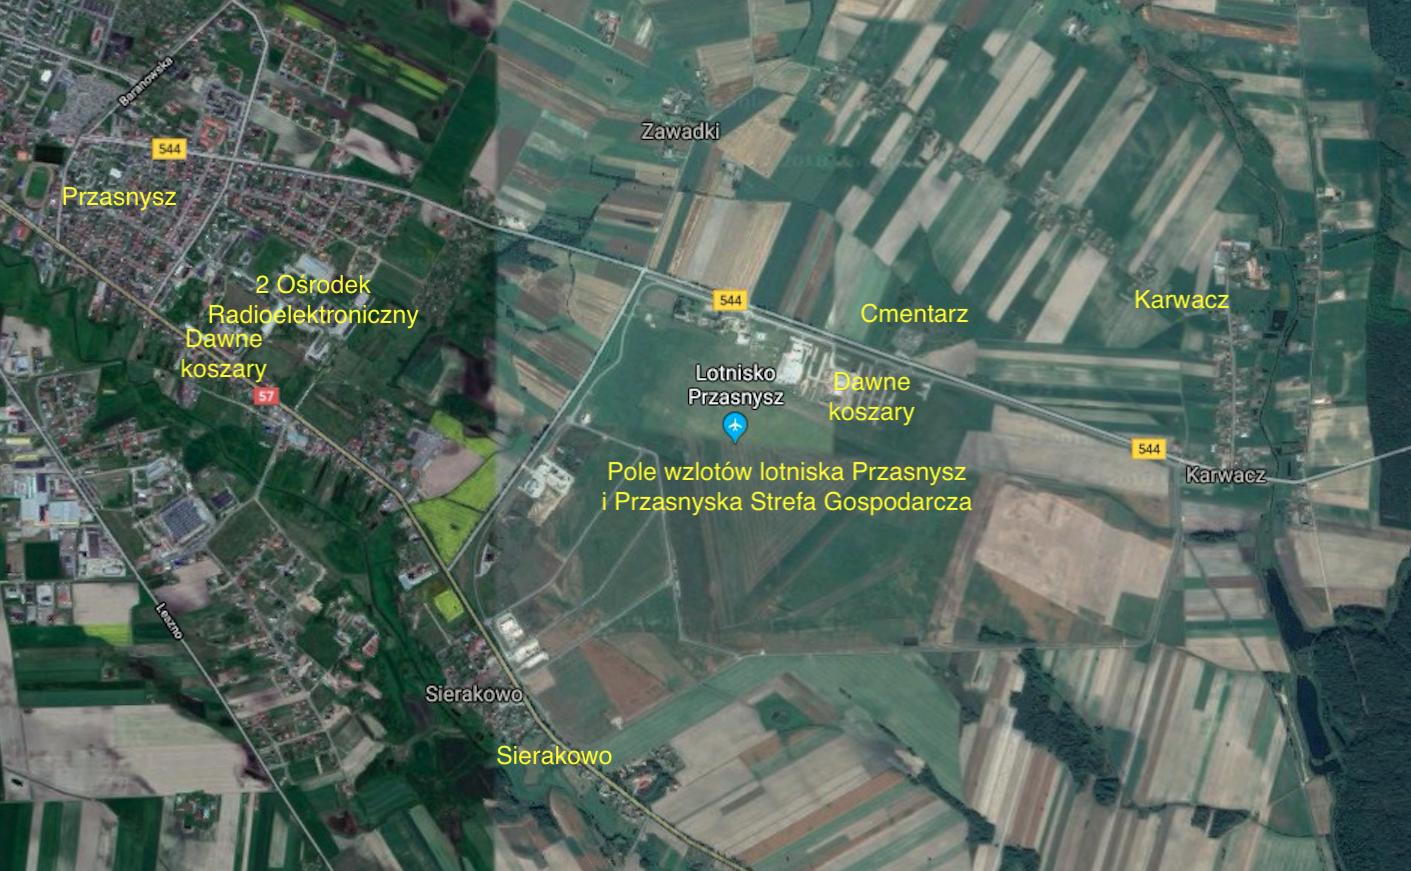 Lotnisko Przasnysz. 2018 rok. Zdjęcie satelitarne